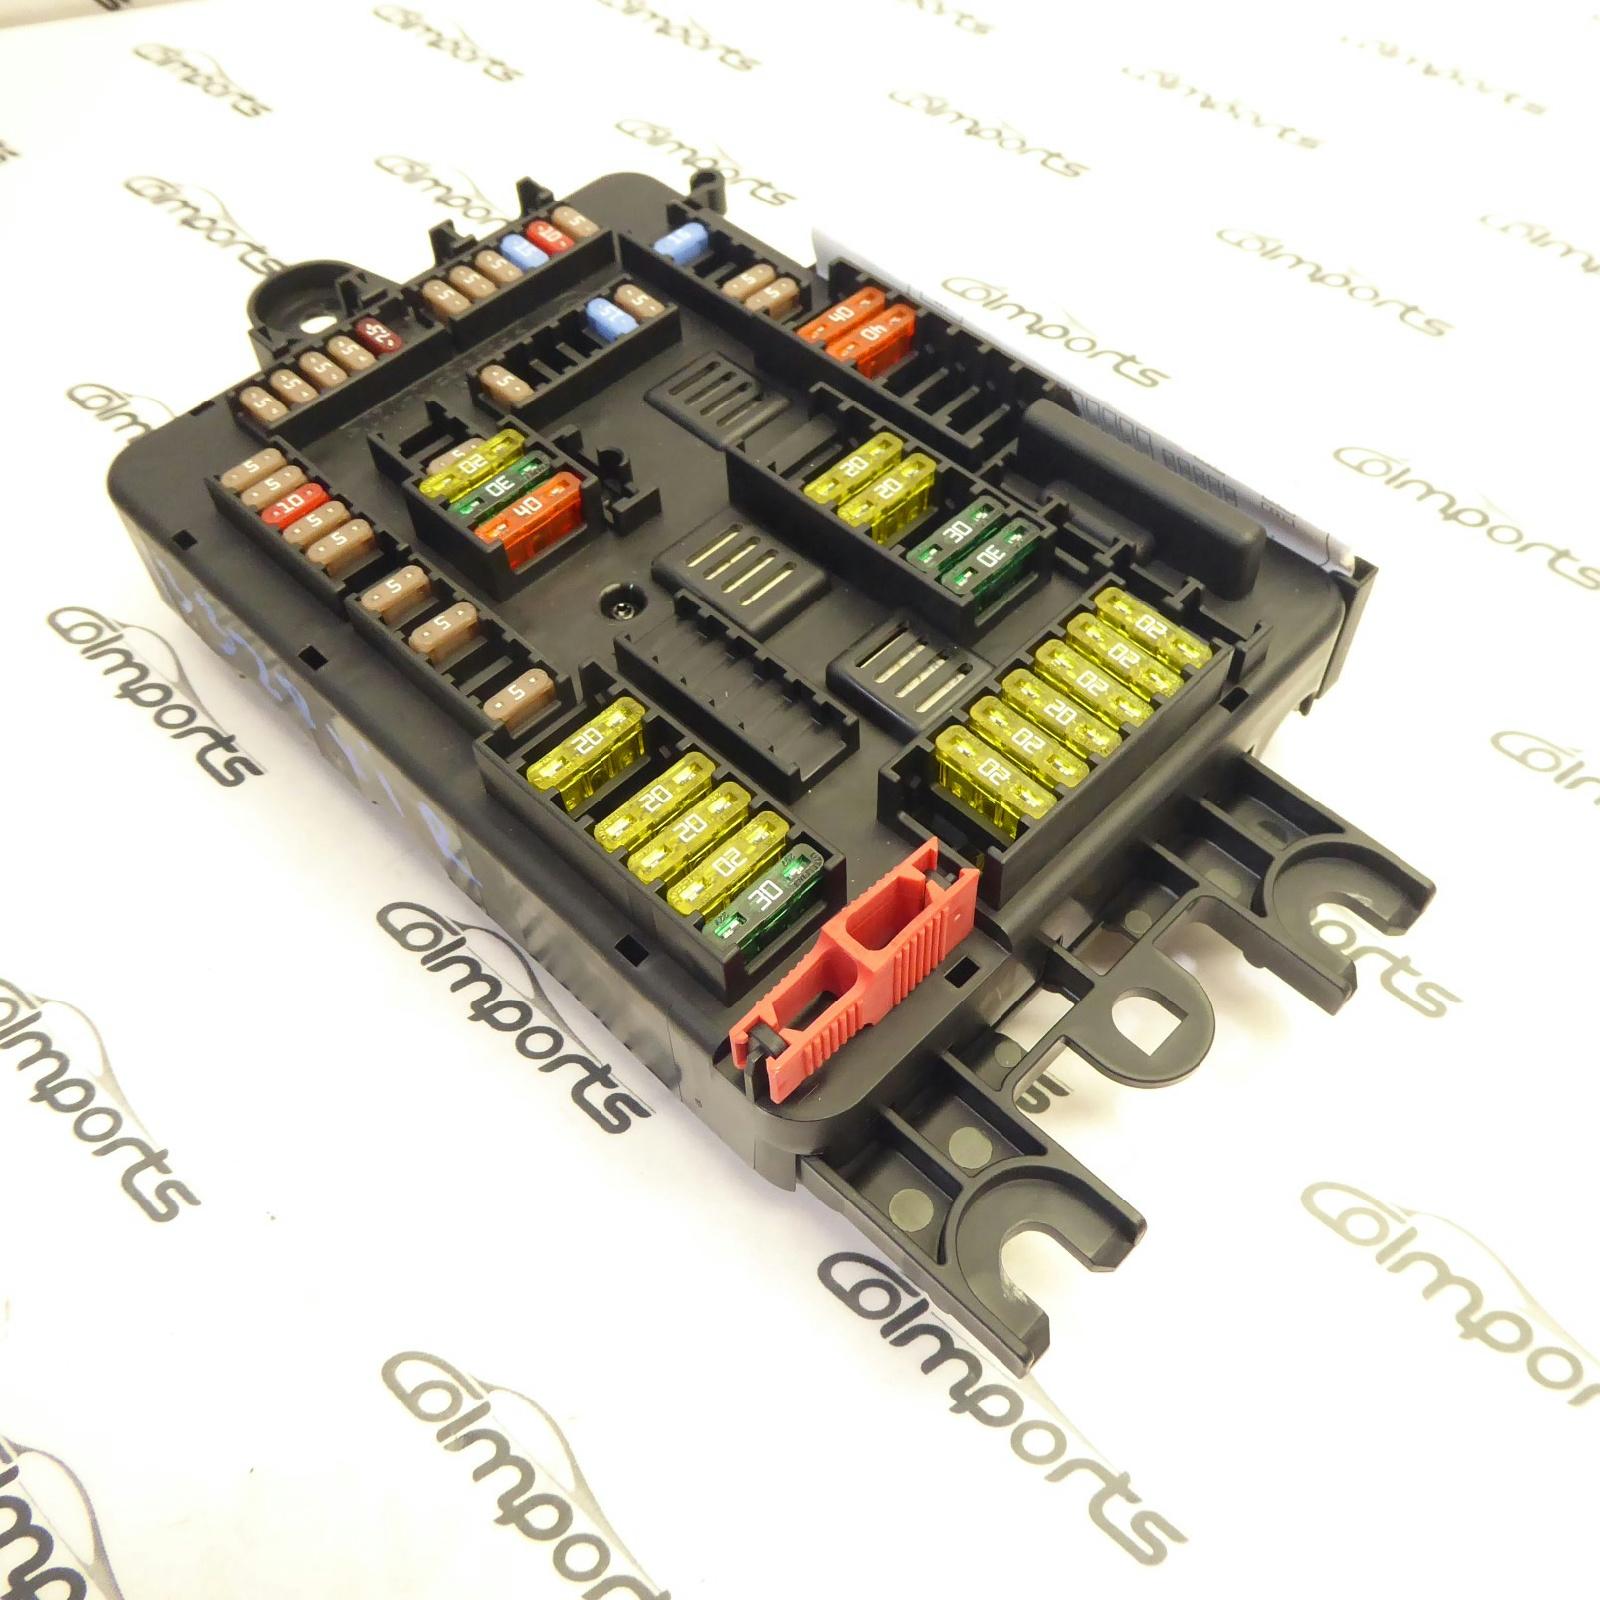 hight resolution of 12 16 bmw f30 328xi 320xi 335xi sam fuse box relay module oem 2000 bmw 323i fuse box diagram bmw k1200gt fuse box location